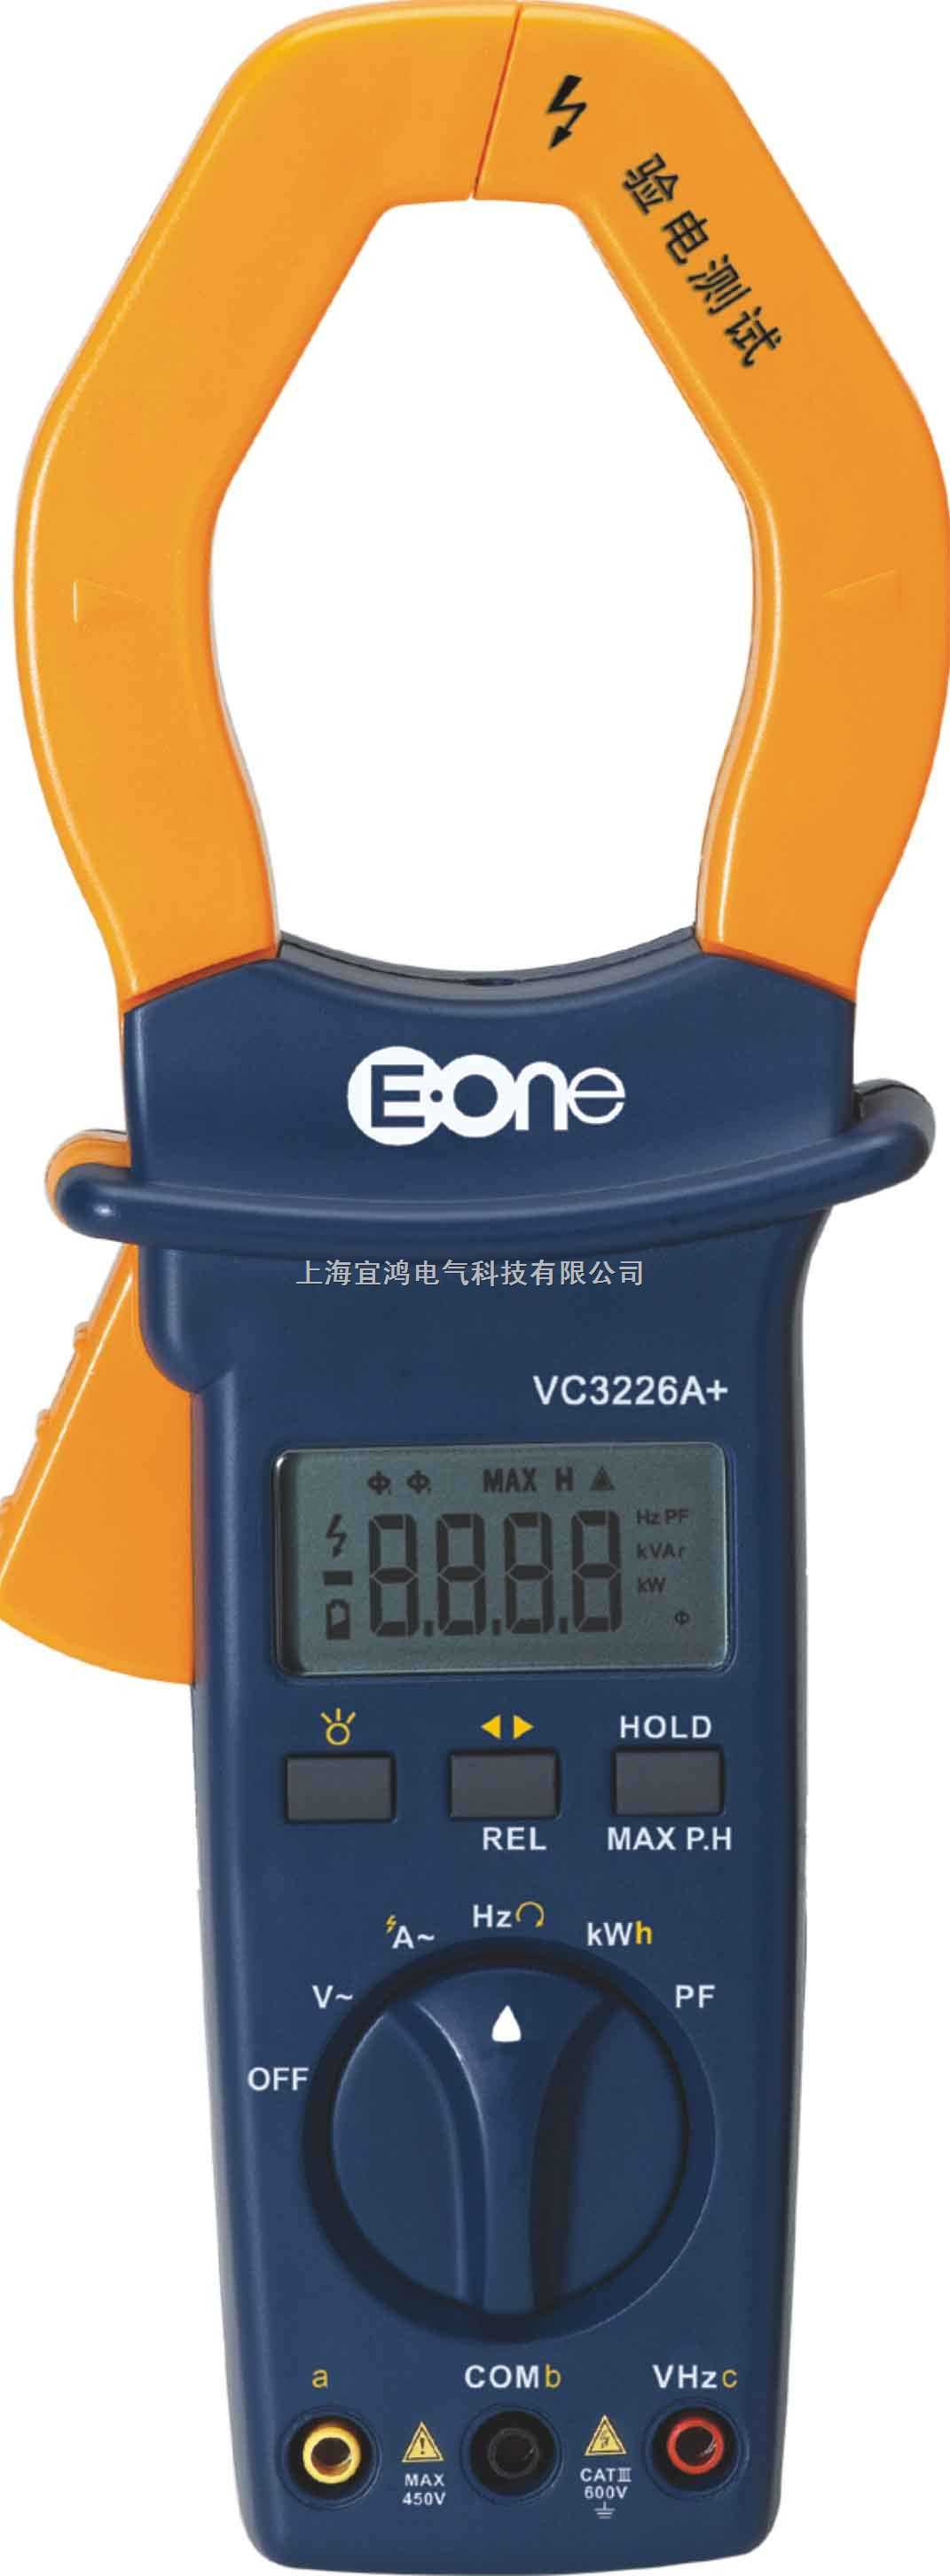 变频与传动 (老分类) 电机传动 交流电机 hioki3286-20 钳式功率计